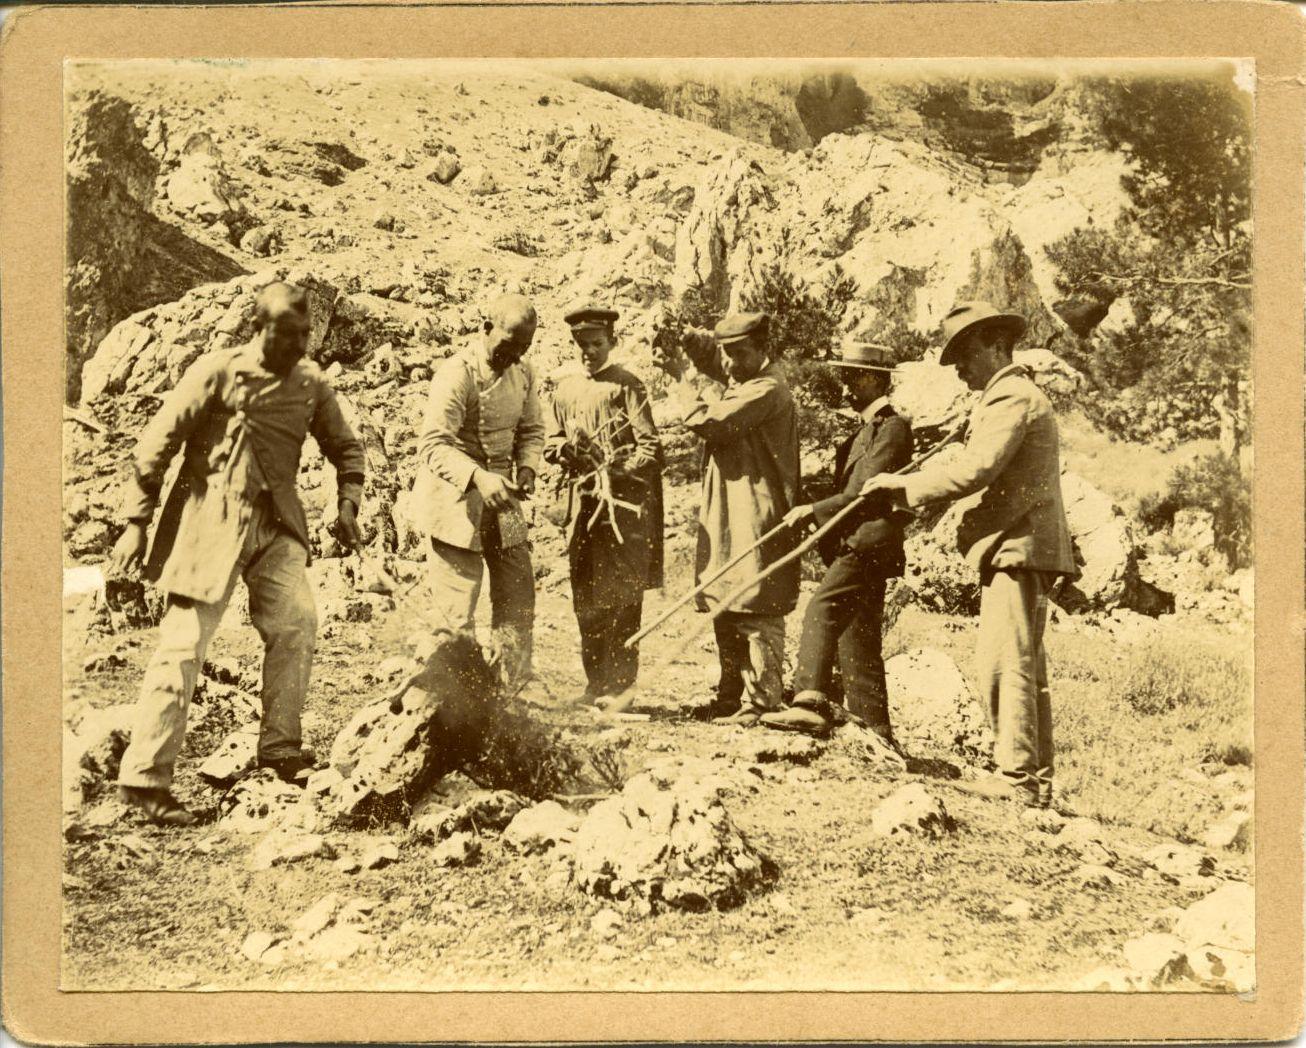 zzc.-Francisco junto a un grupo de hombres quemando víboras